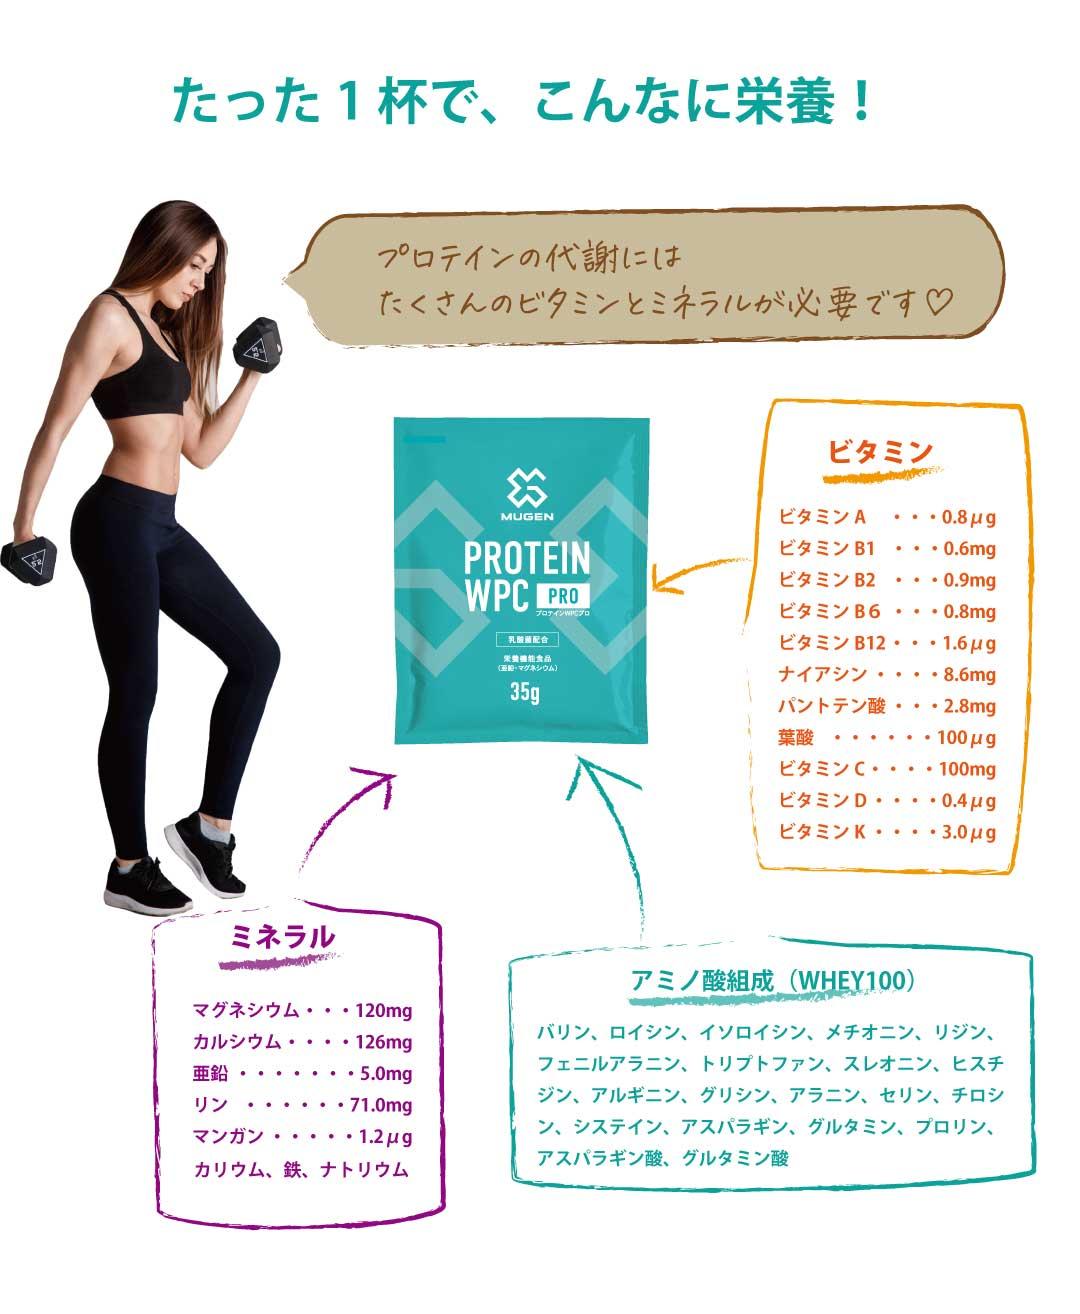 ビタミン&ミネラルの配合量